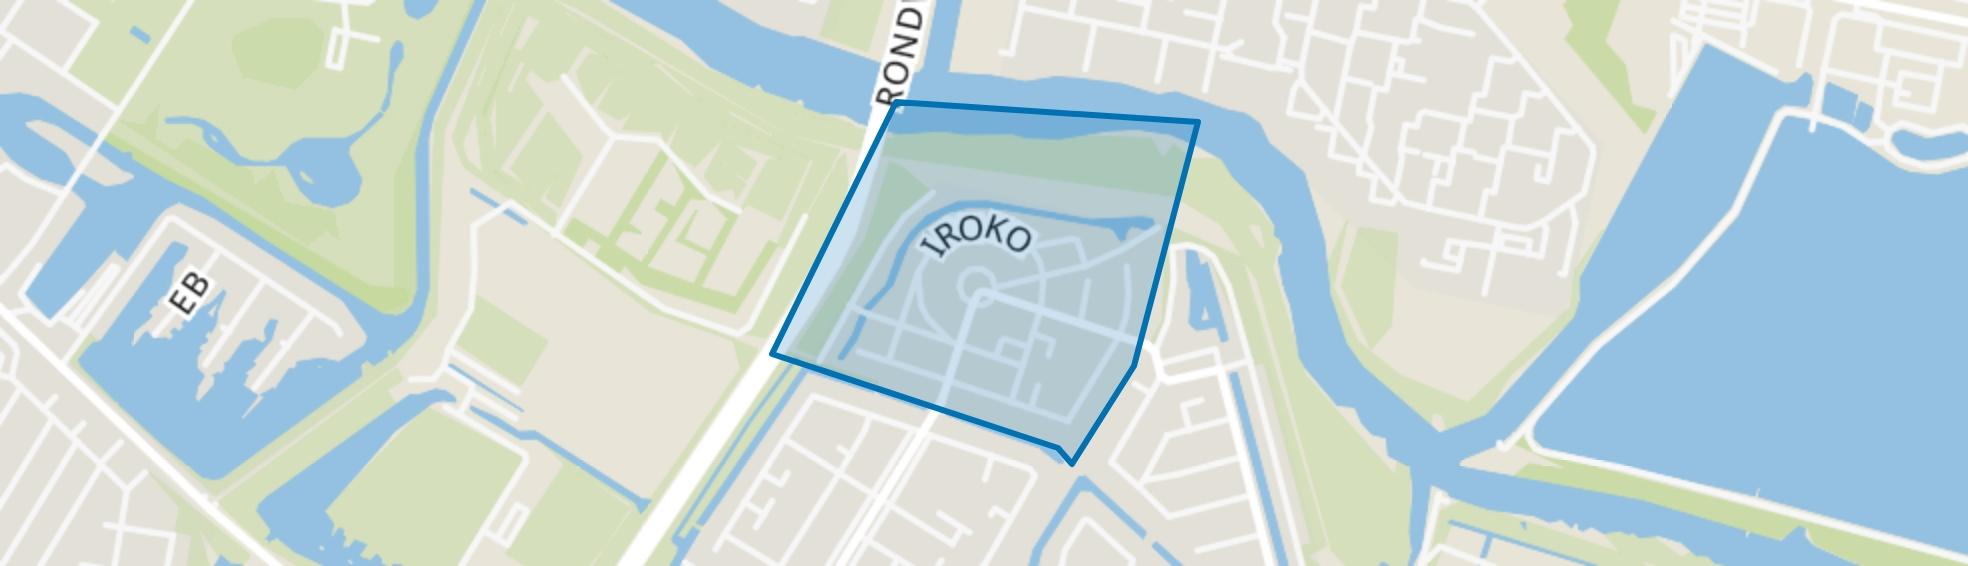 Iroko en omgeving, Dordrecht map